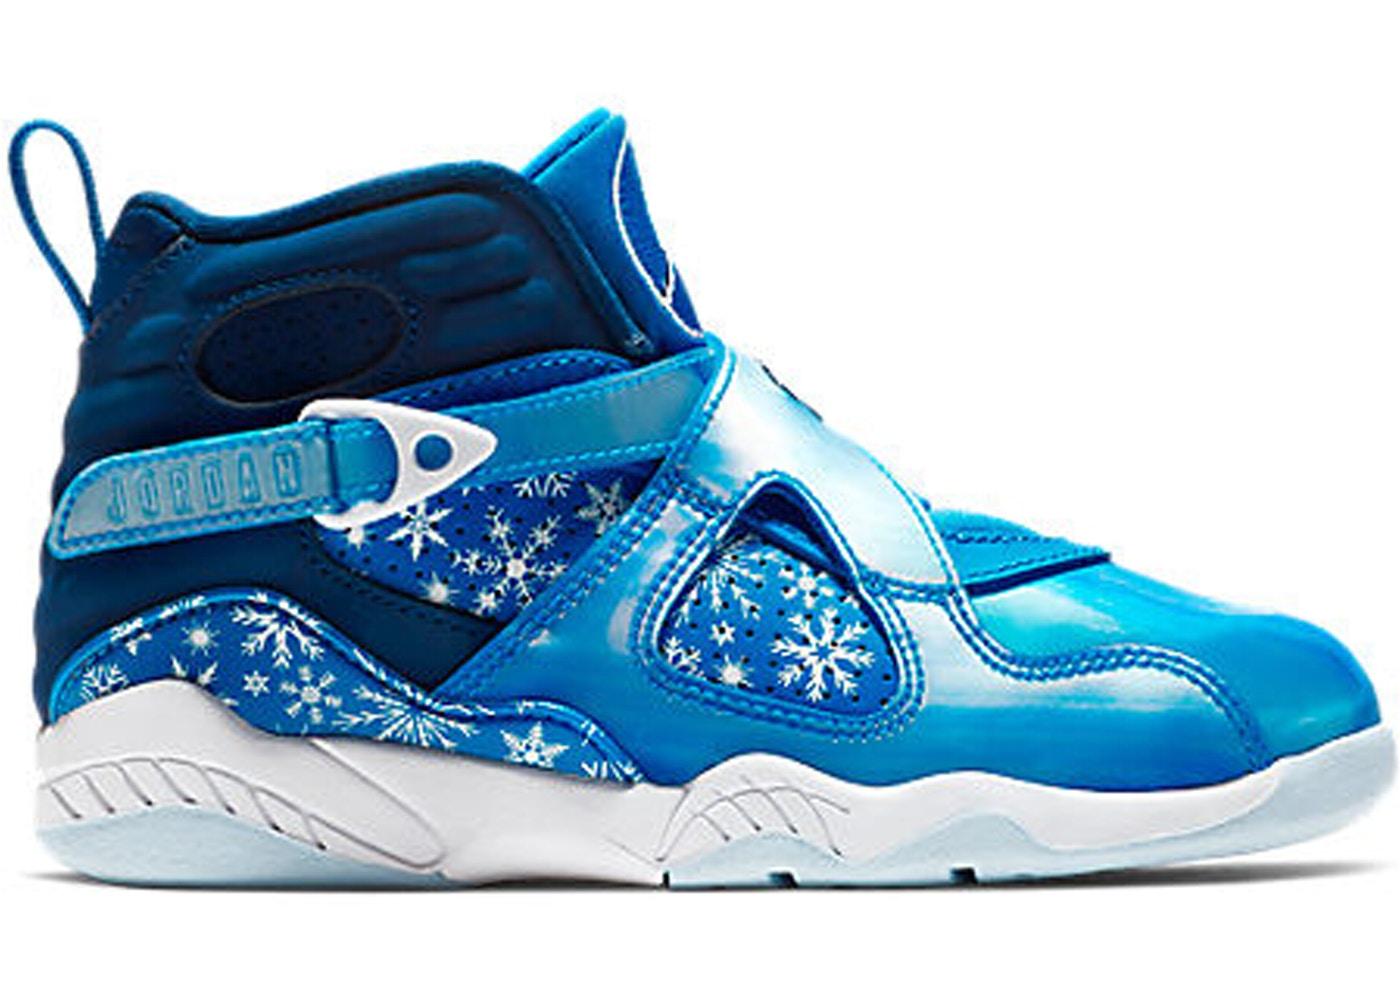 sports shoes e5c03 6b805 Jordan 8 Retro Snow Blizzard (PS)